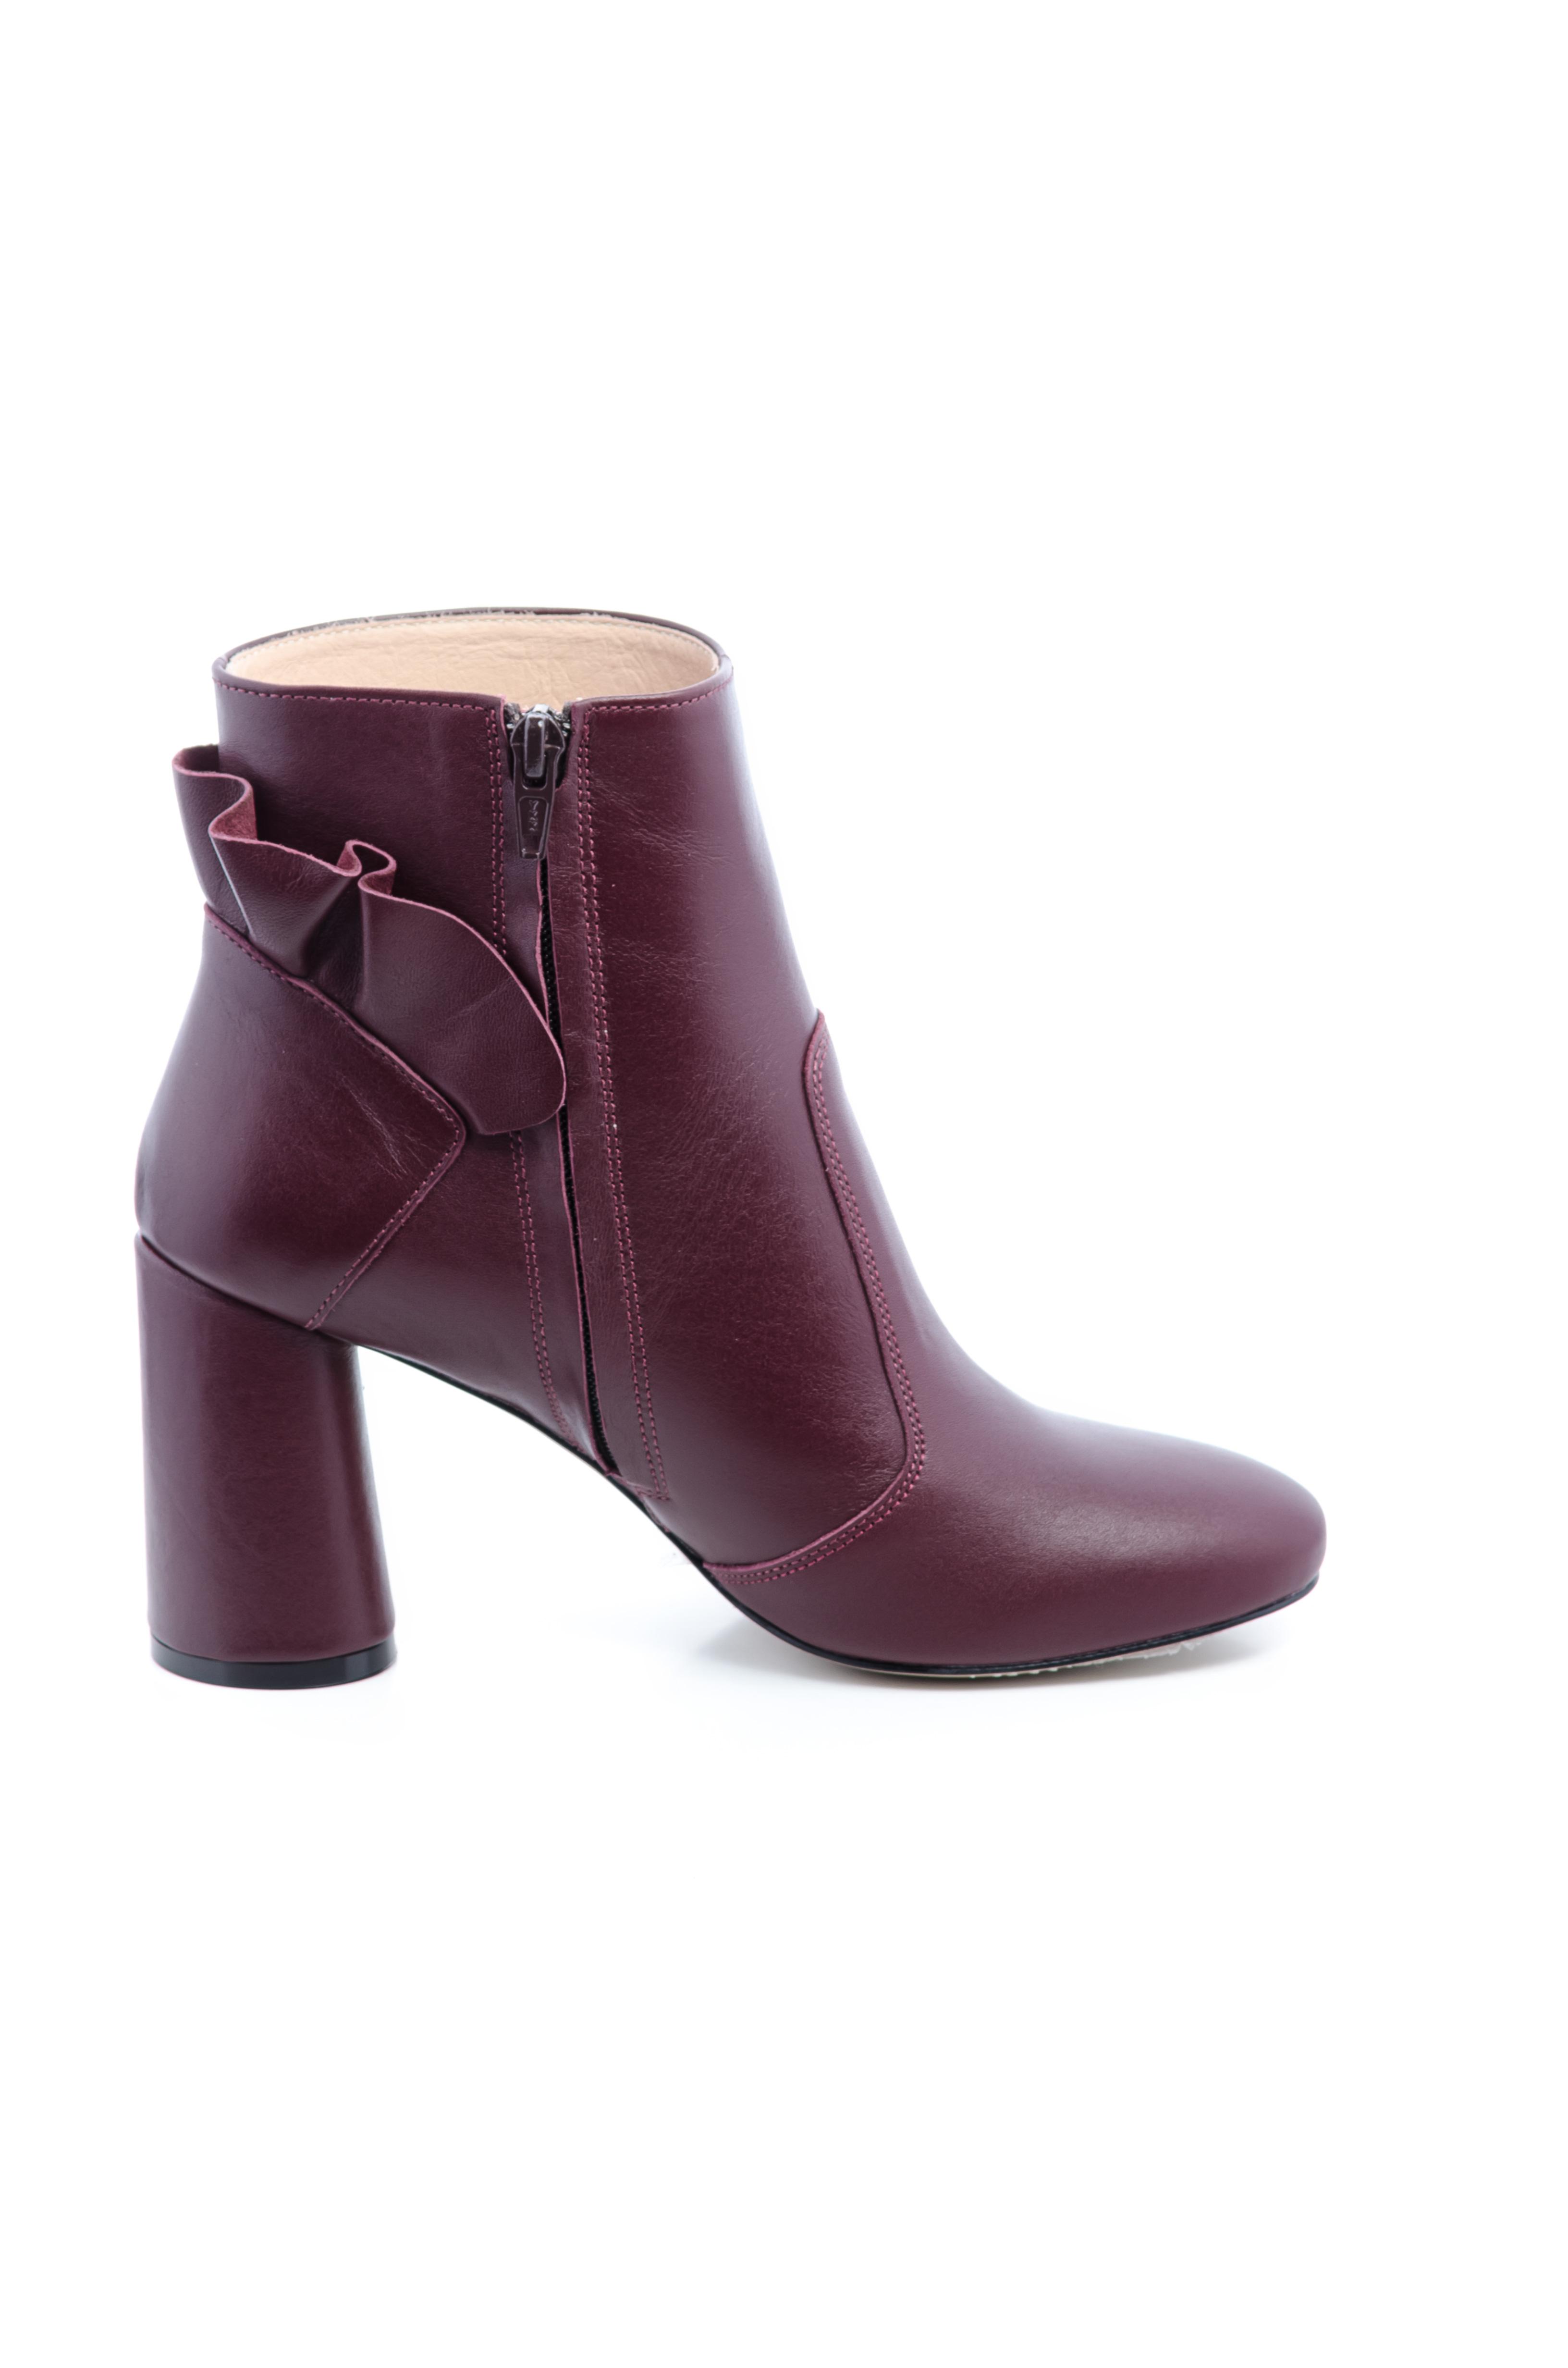 Ботинки женские Ботильоны Бонита кожа бордовые толстый каблук 100182 Заказать, 2017